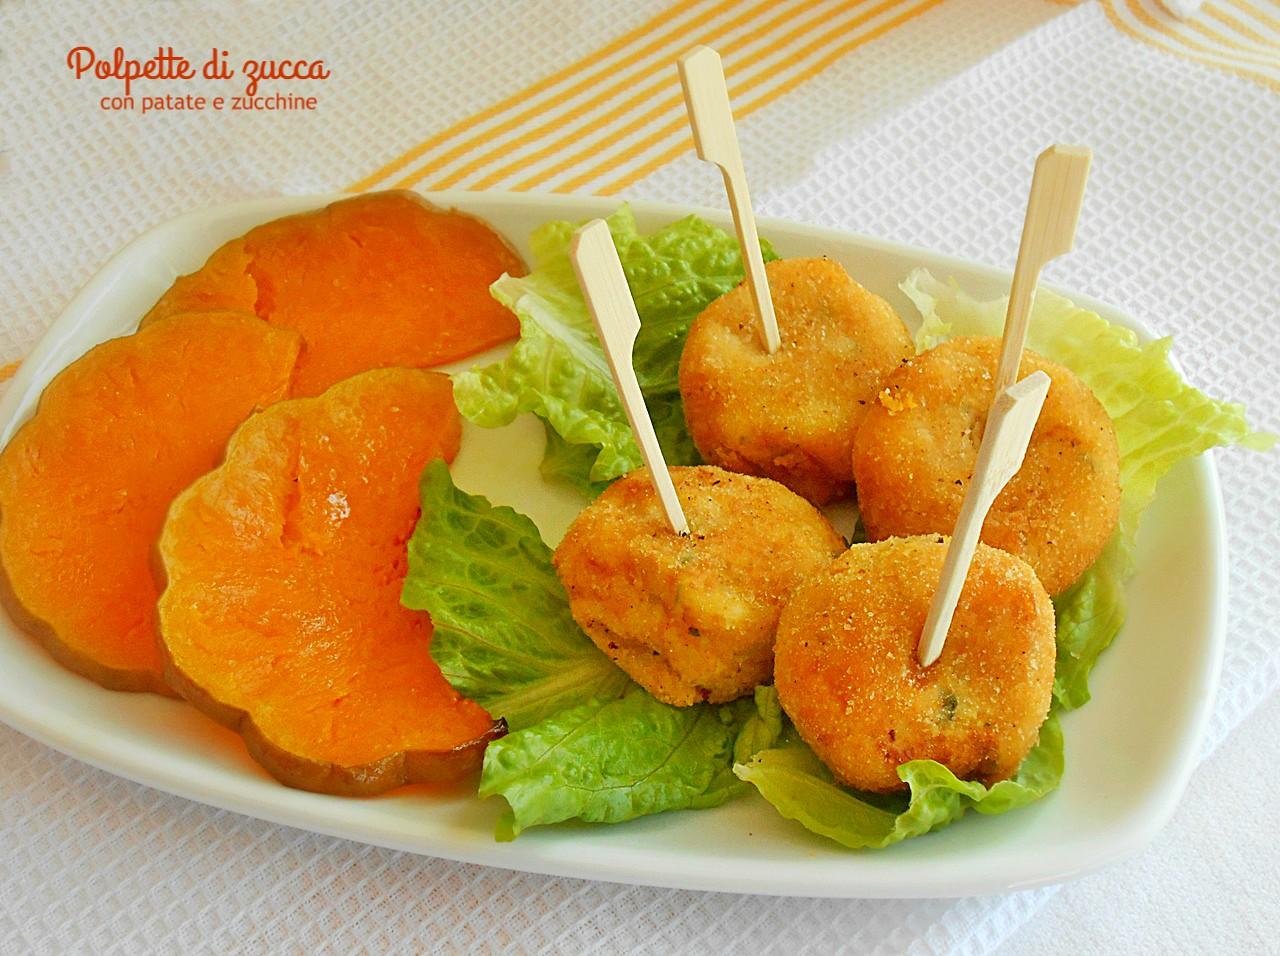 Polpette di zucca con patate e zucchine